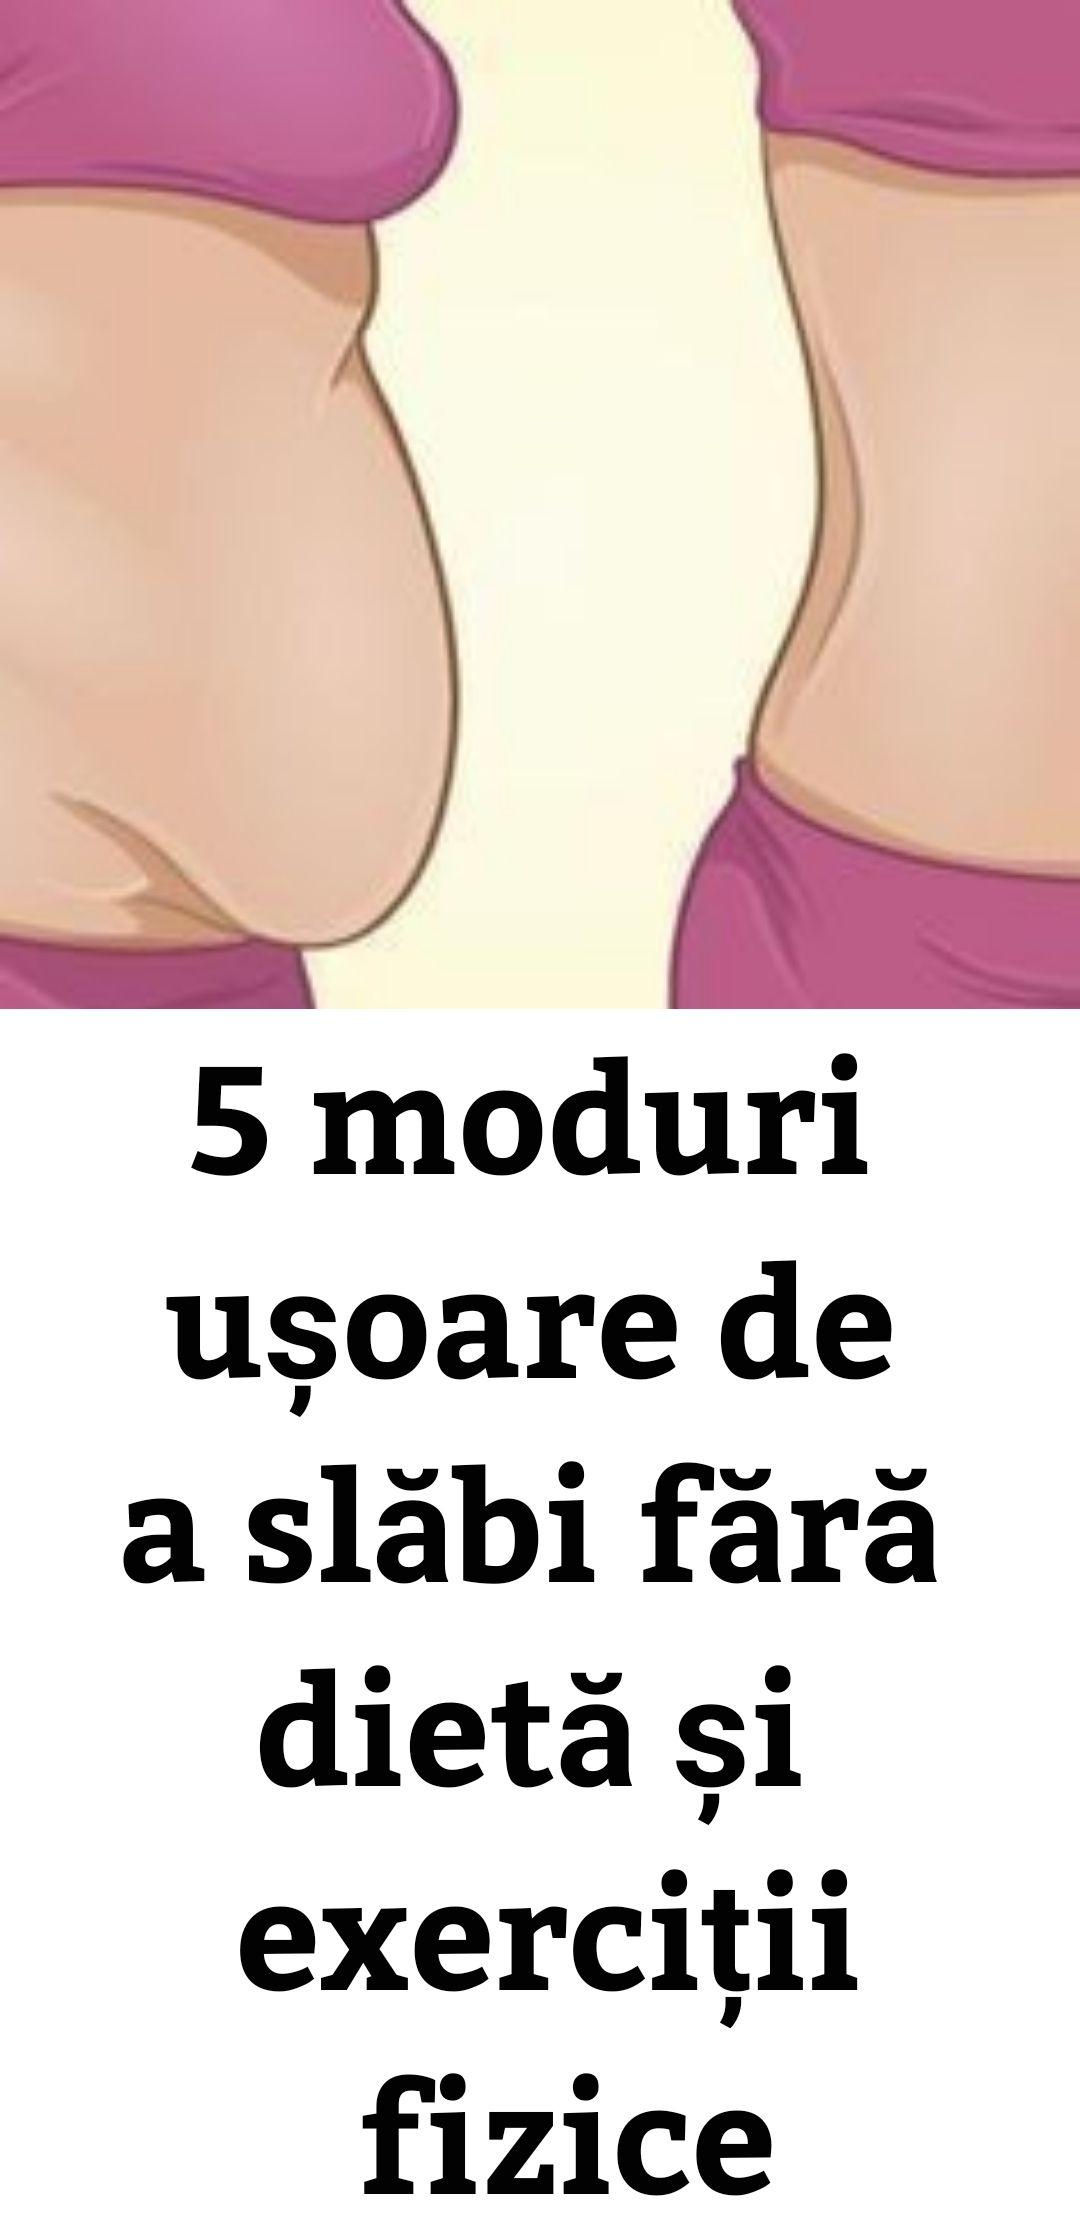 Pierdere în greutate de 5 săptămâni curbe puternice de pierdere de grăsime